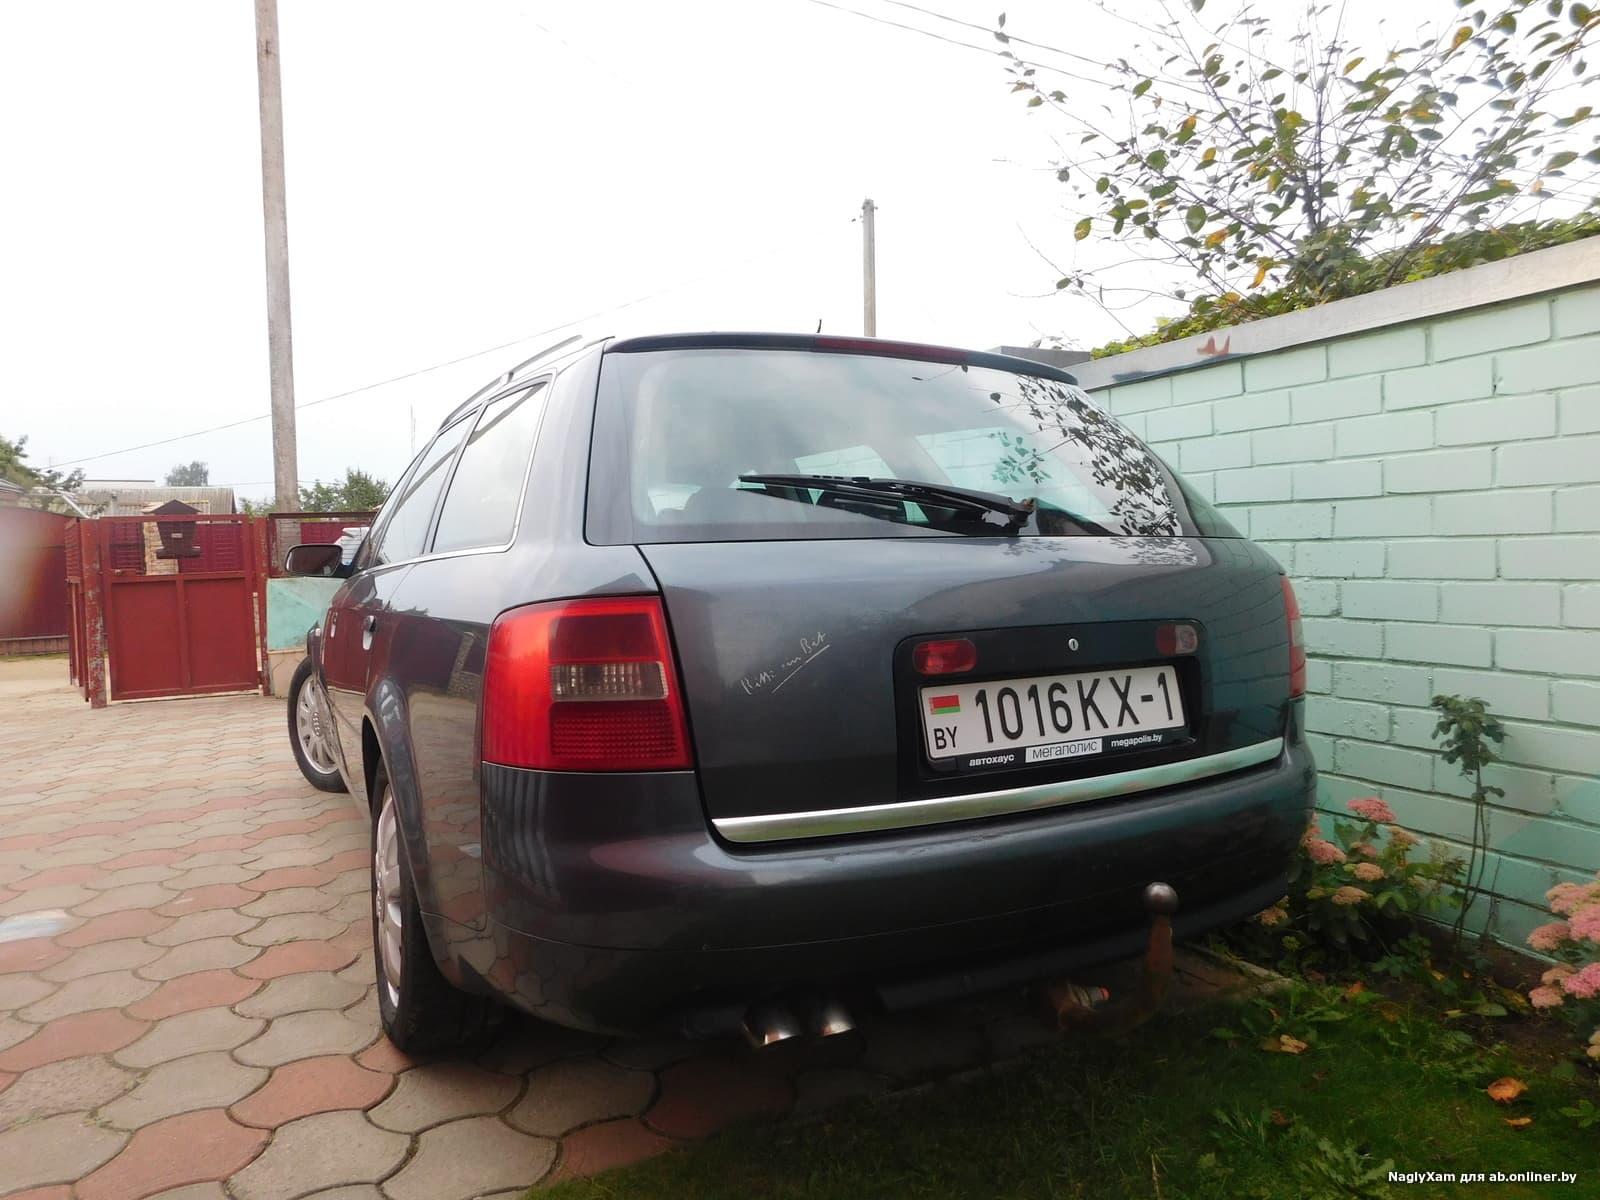 Audi A6 C5, Рестайлинг